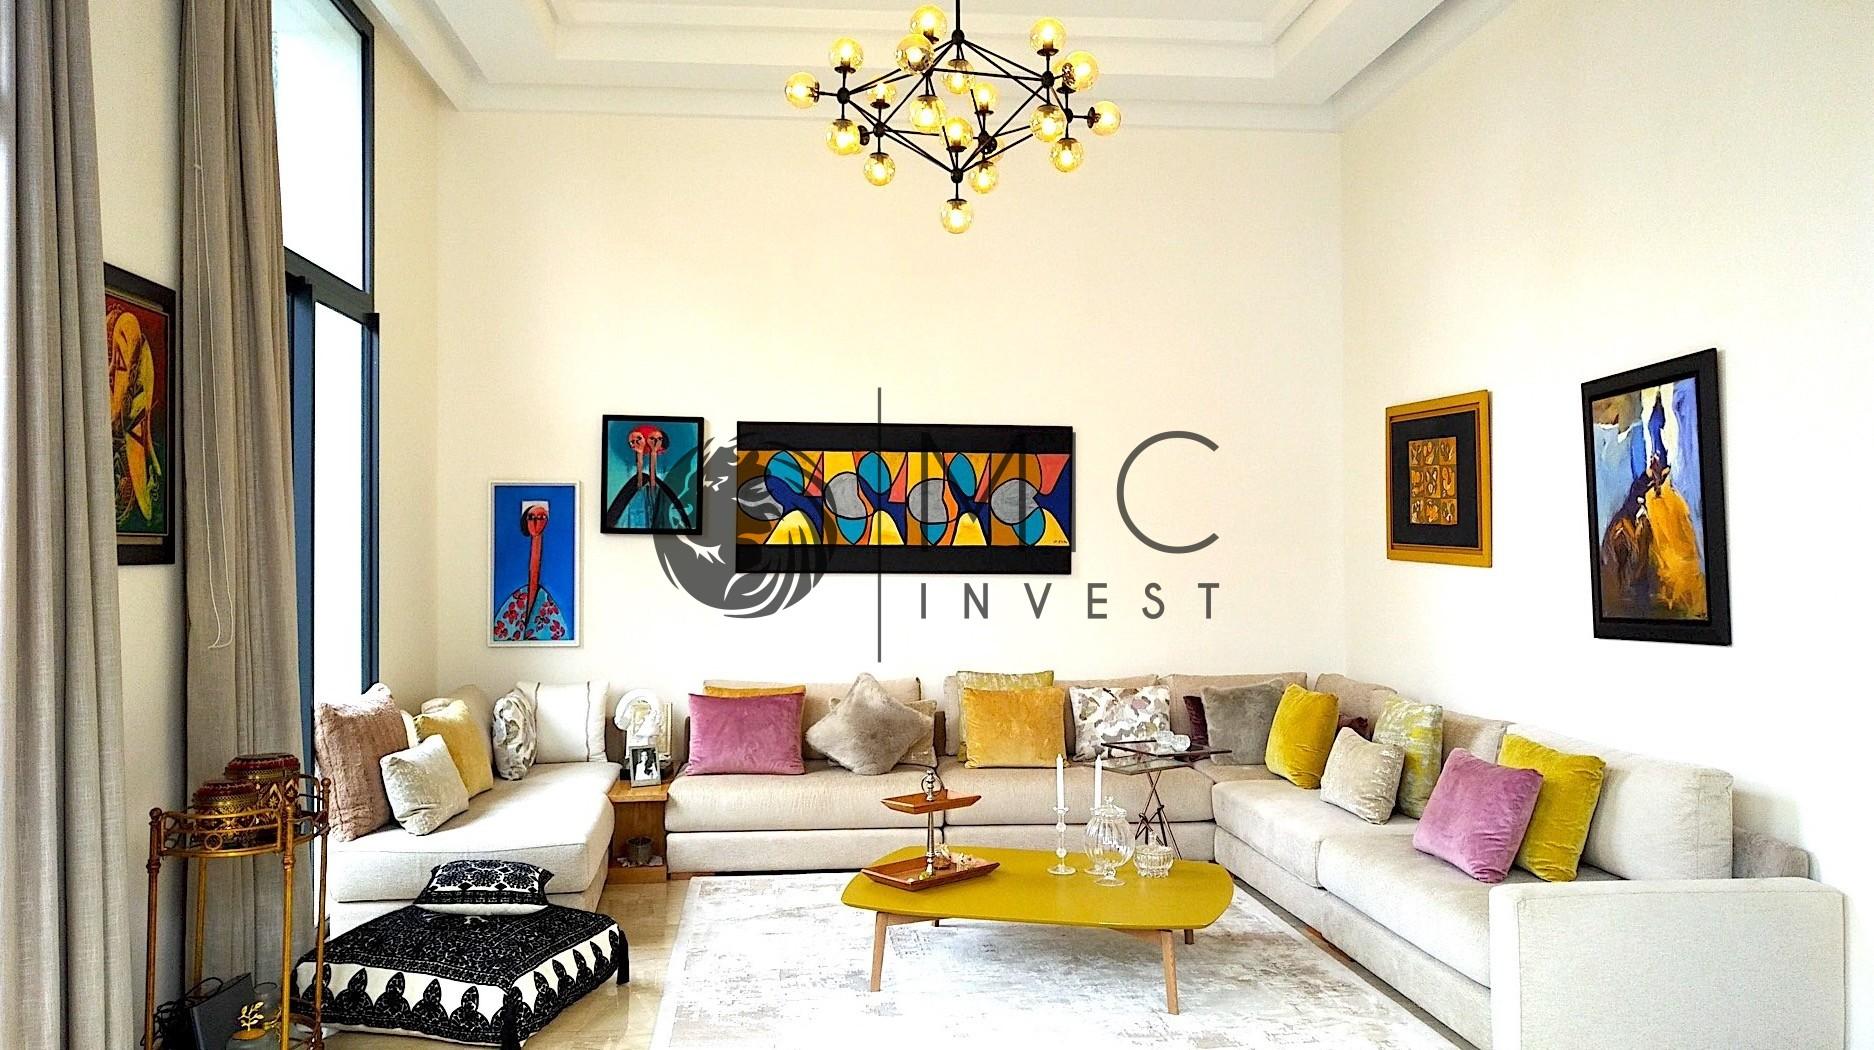 Vente <strong>Villa</strong> Casablanca Dar Bouazza <strong>330 m2</strong>